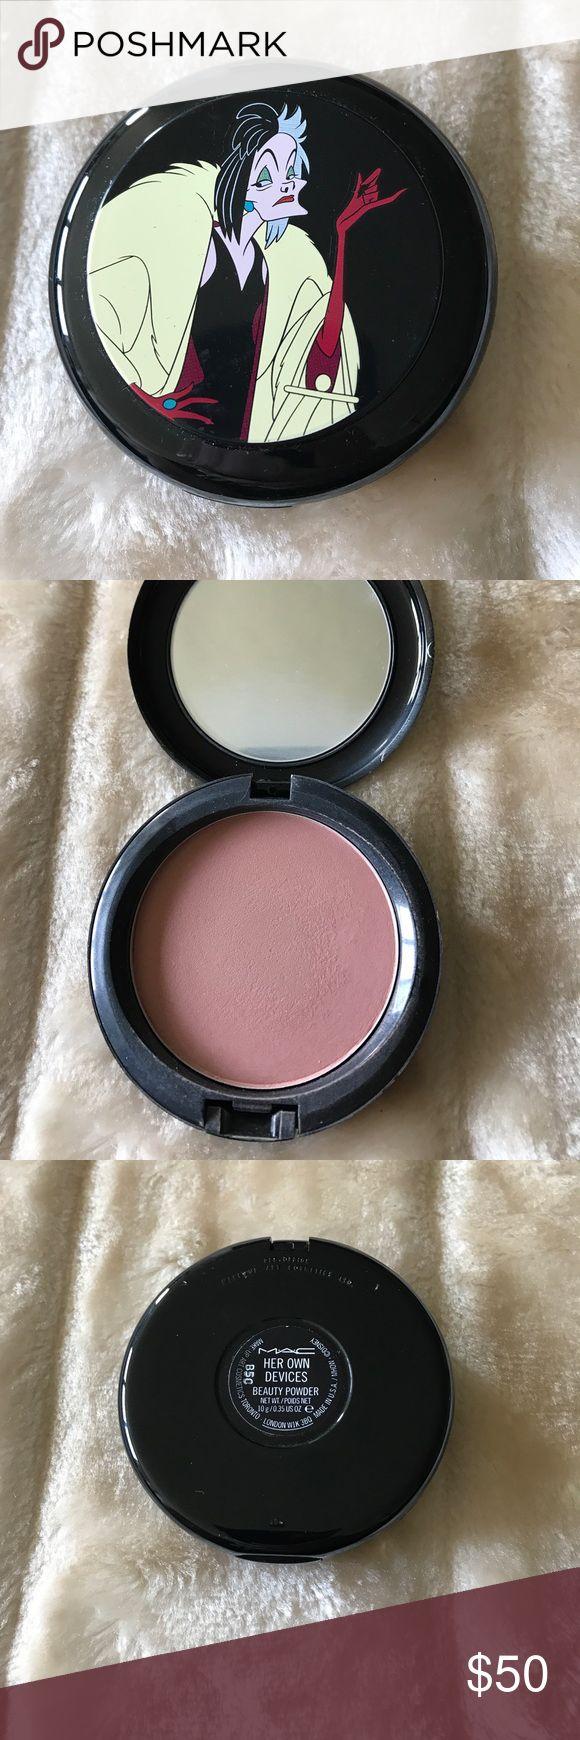 MAC VENOMOUS VILLAINS COLLECTION RARE! Mac cosmetics